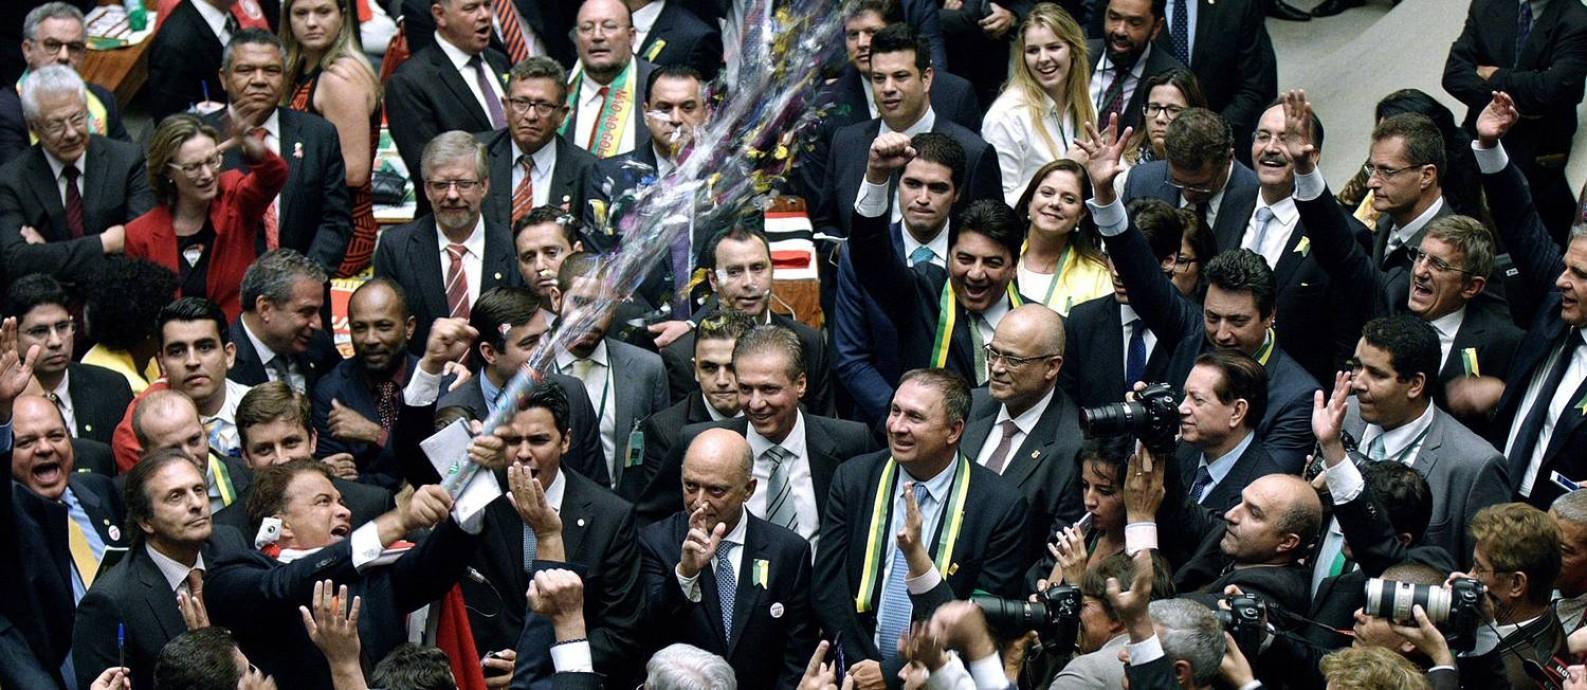 'Excelentíssimos': documentário de Douglas Duarte sobre o impeachment de Dilma Rousseff entra em cartaz nesta quinta-feira Foto: Divulgação